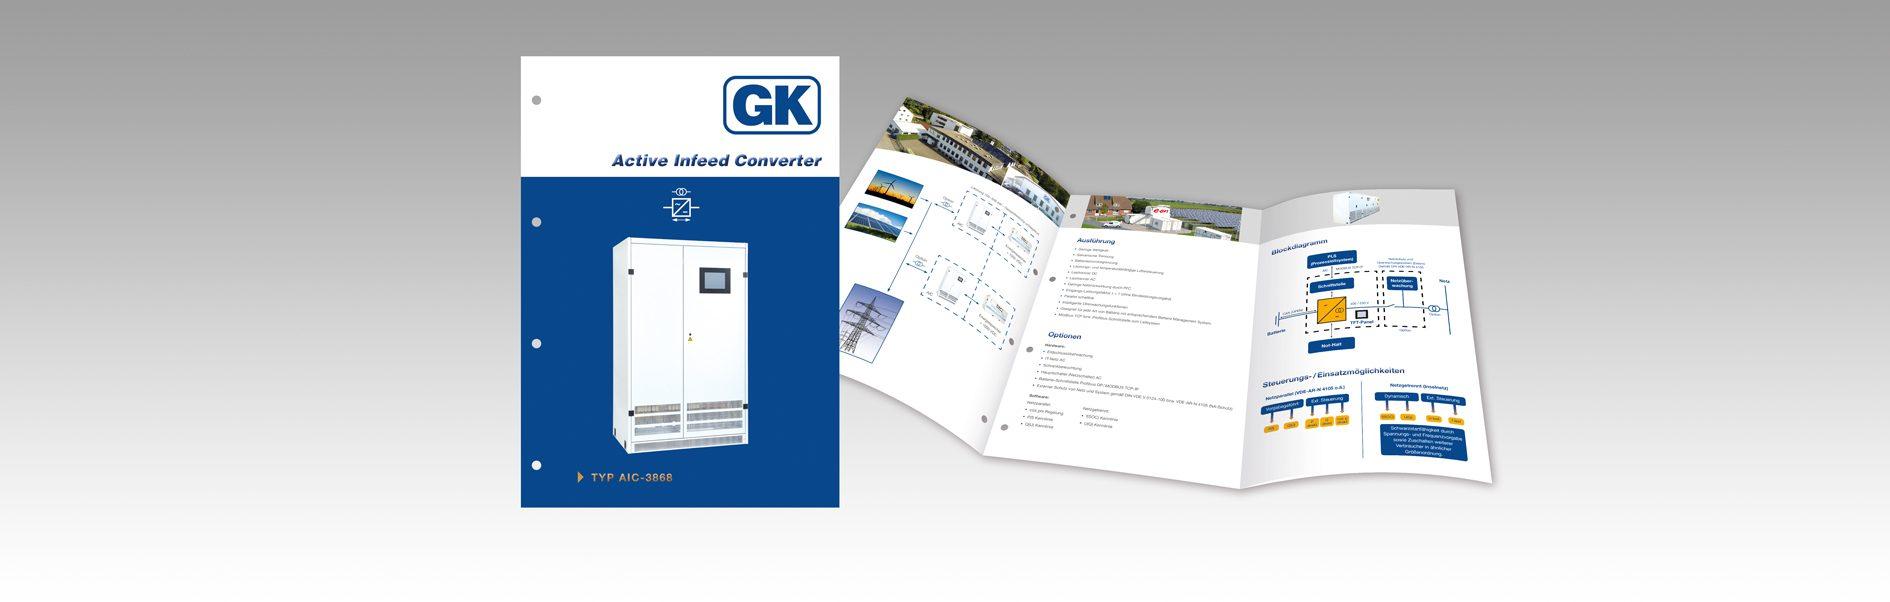 Hier ist die Gustav Klein Produktbroschüre Active Infeed Converter abgebildet.